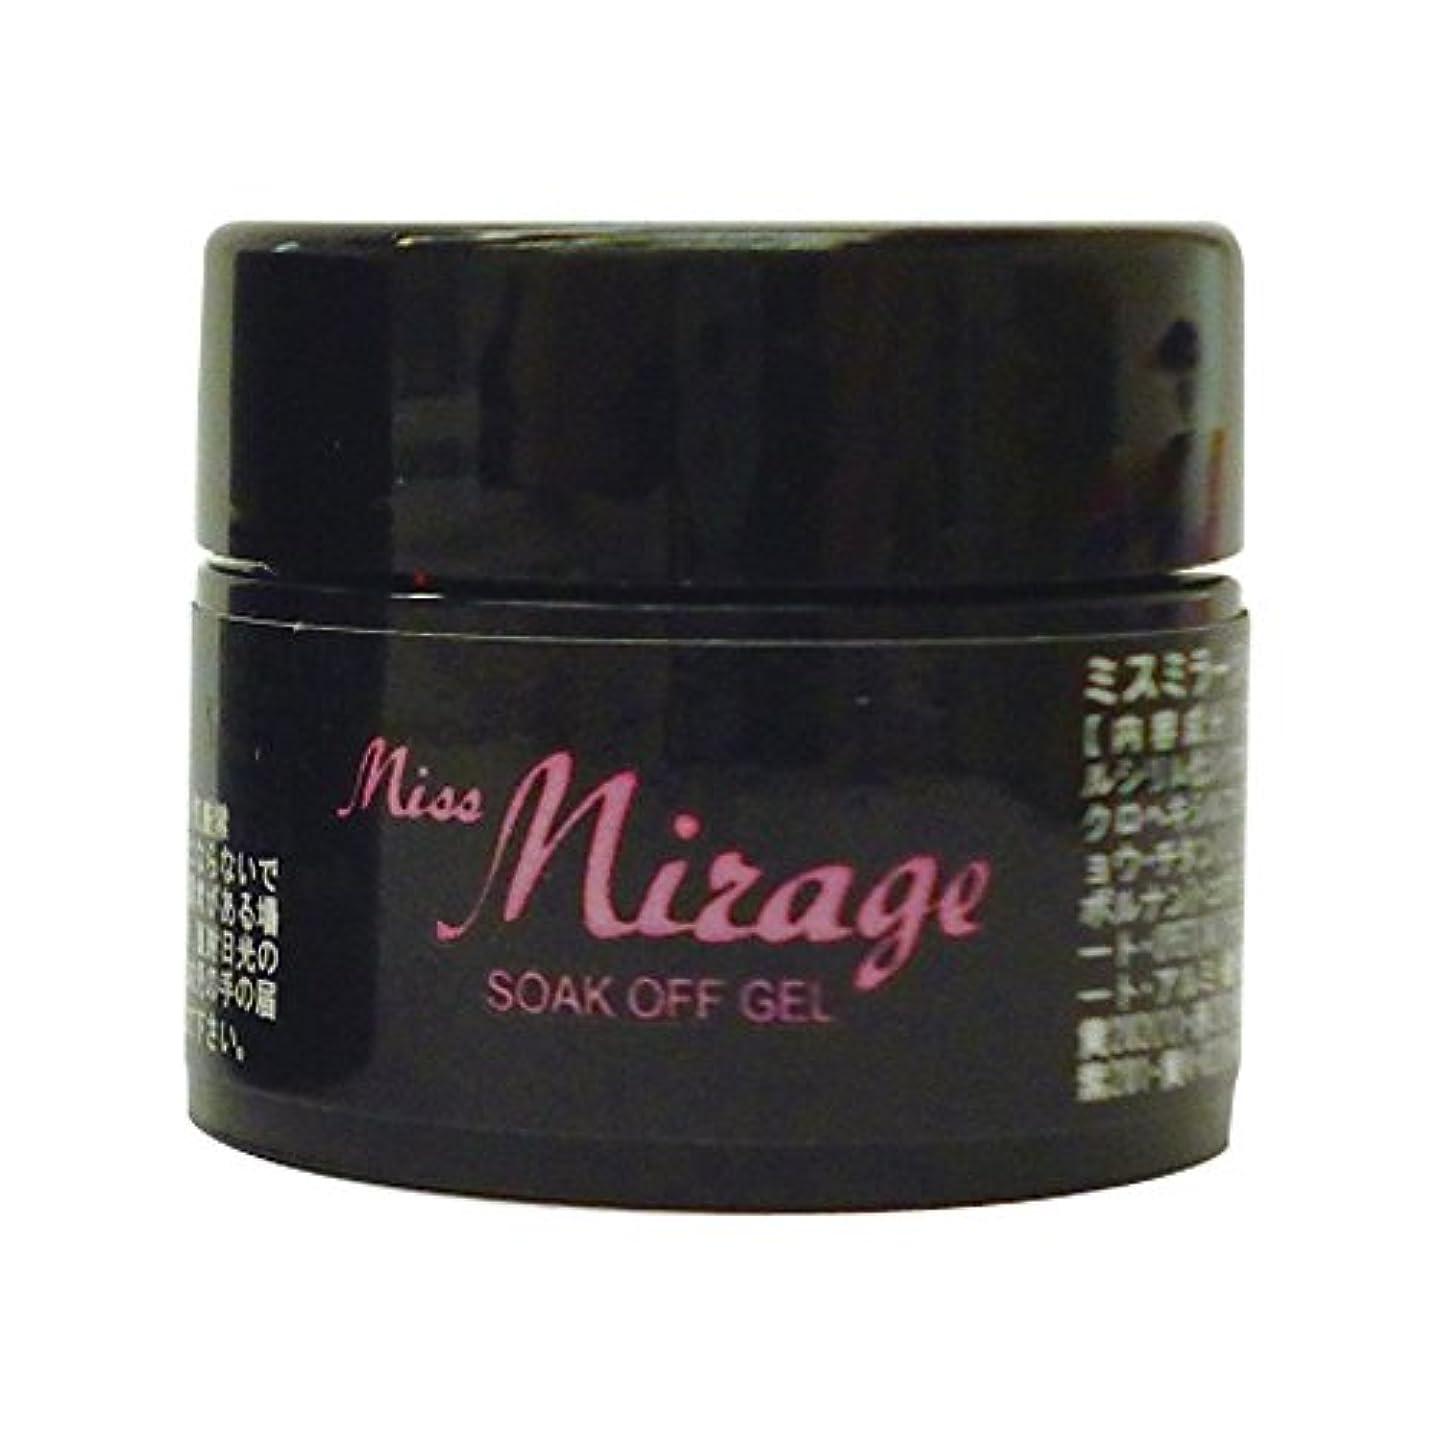 血色の良い辞書意志Miss Mirage(ミスミラージュ) Miss Mirage カラージェル M141S 2.5g スモーキーラベンダー UV/LED対応 ジェルネイル